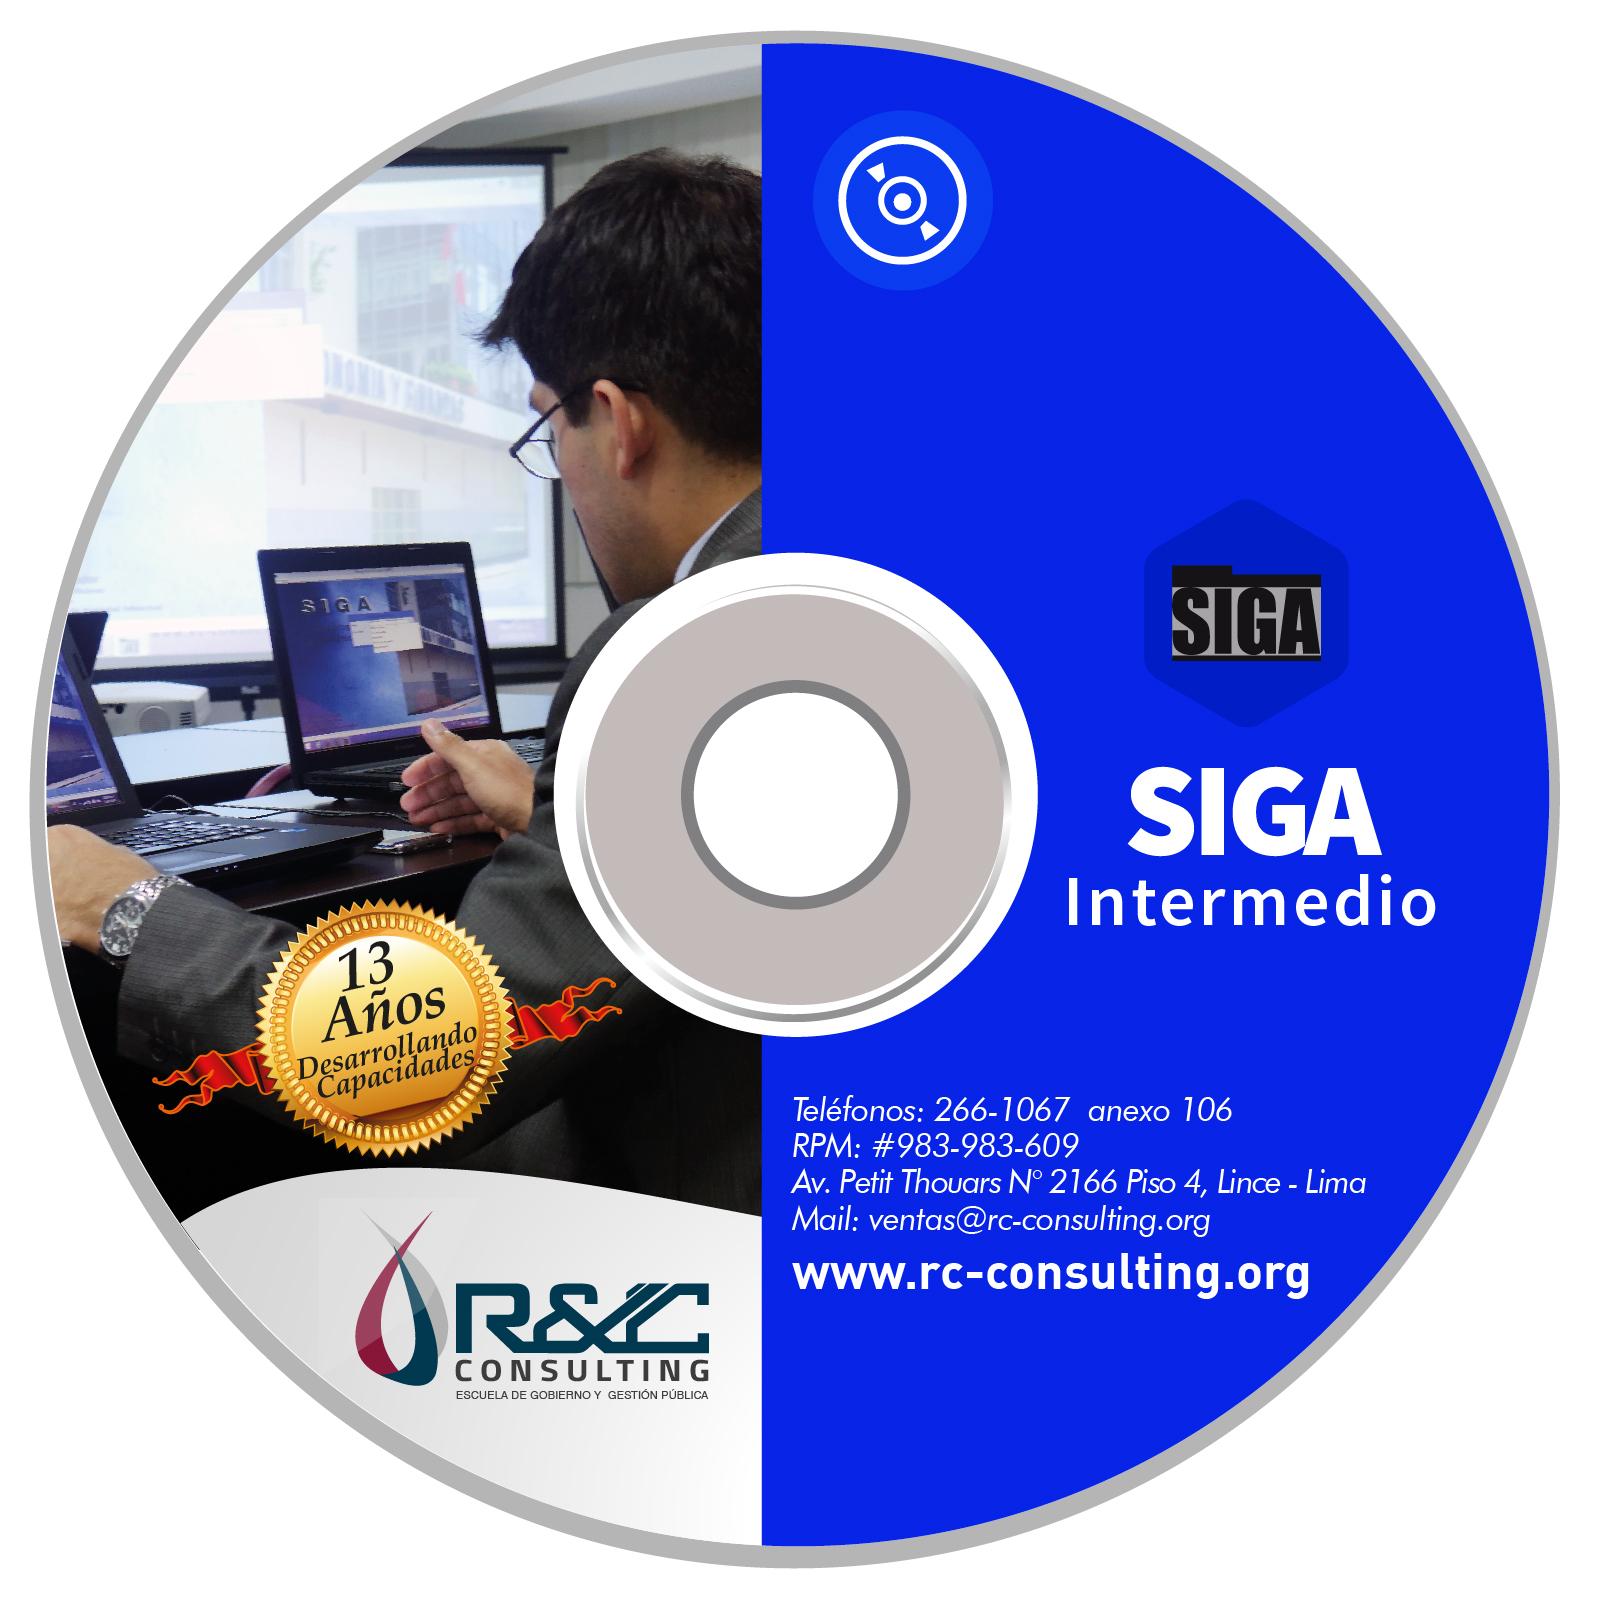 portada siga intermedio 01 Capacitacion de Gestion Publica en DVD